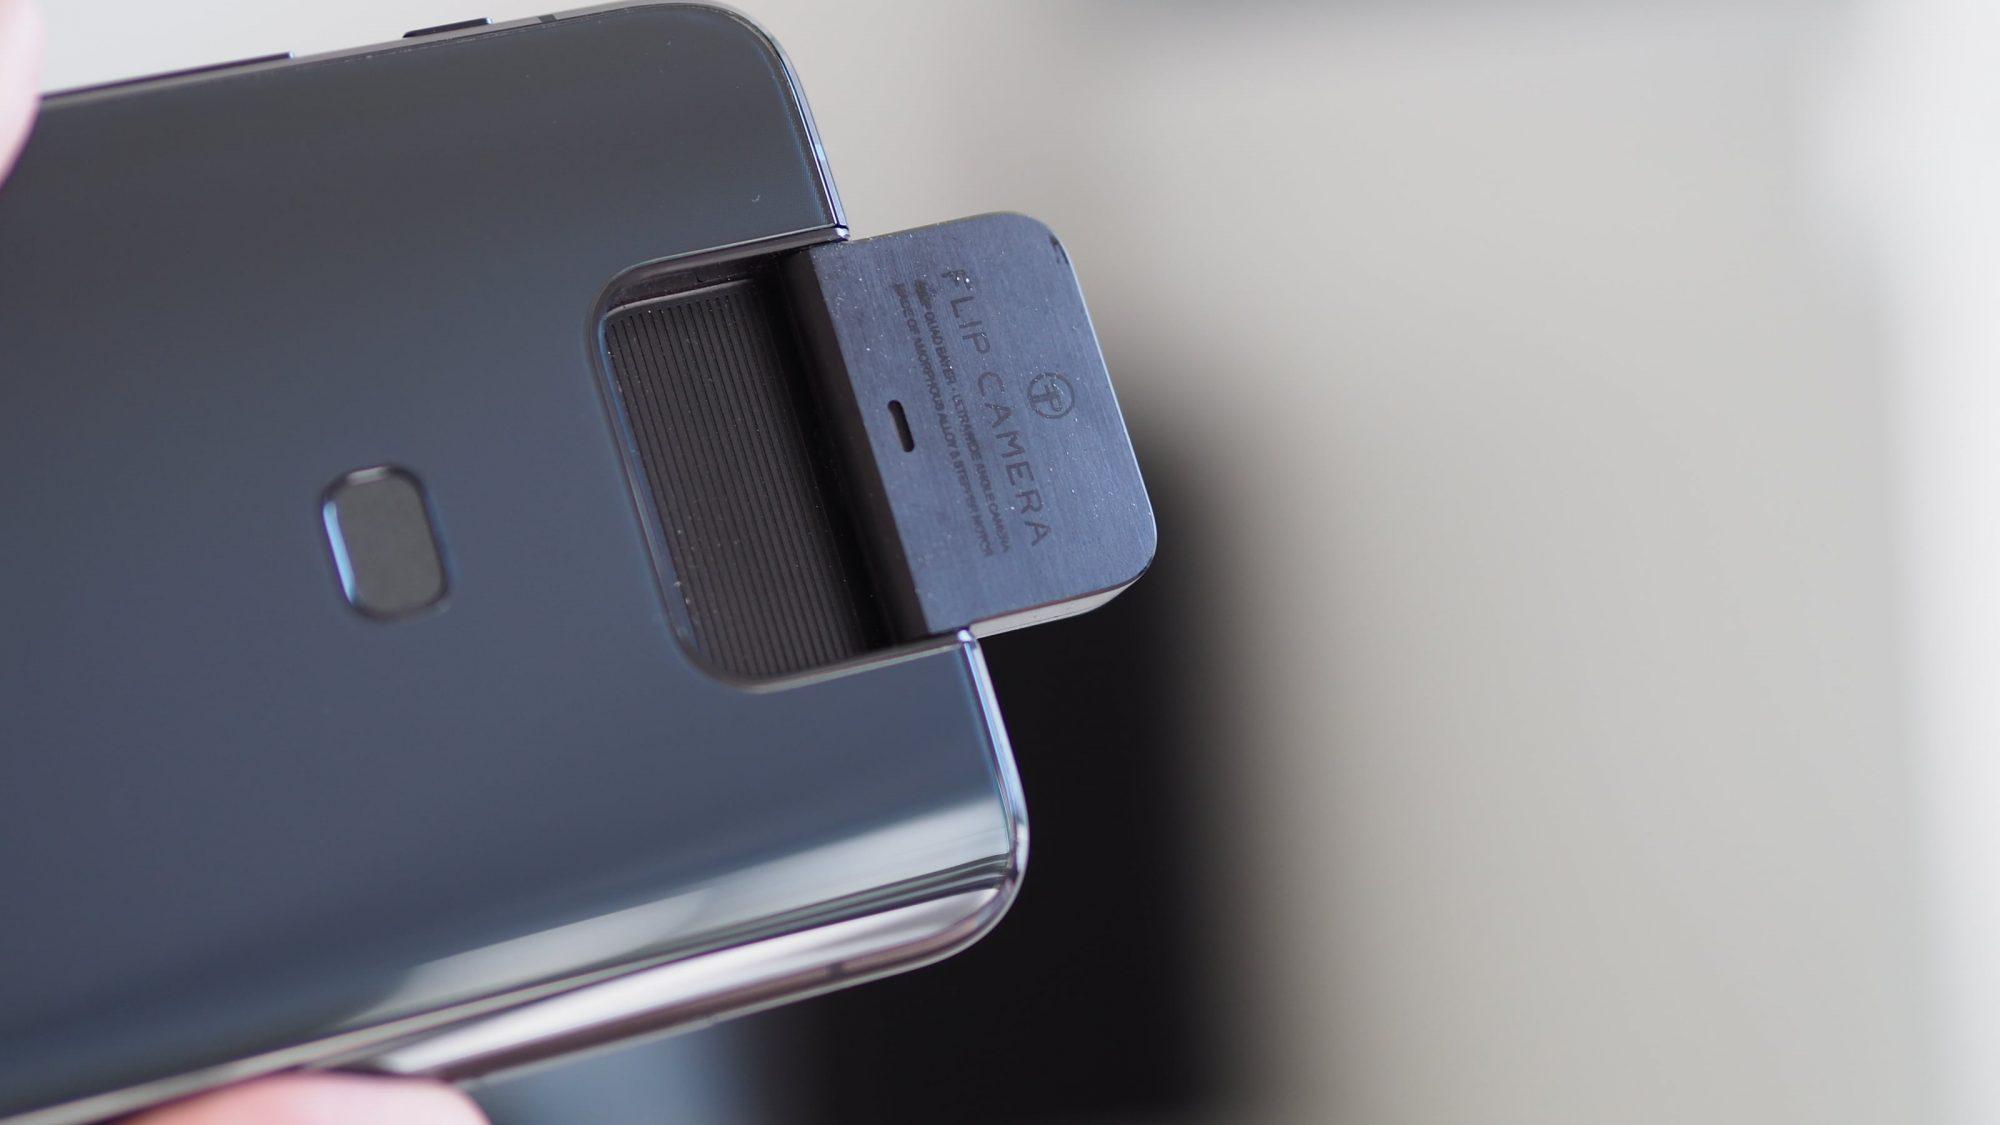 Aparat w modelu Asus ZenFone 7 ma się obracać o 180°, jak ten w Asusie ZenFone 6